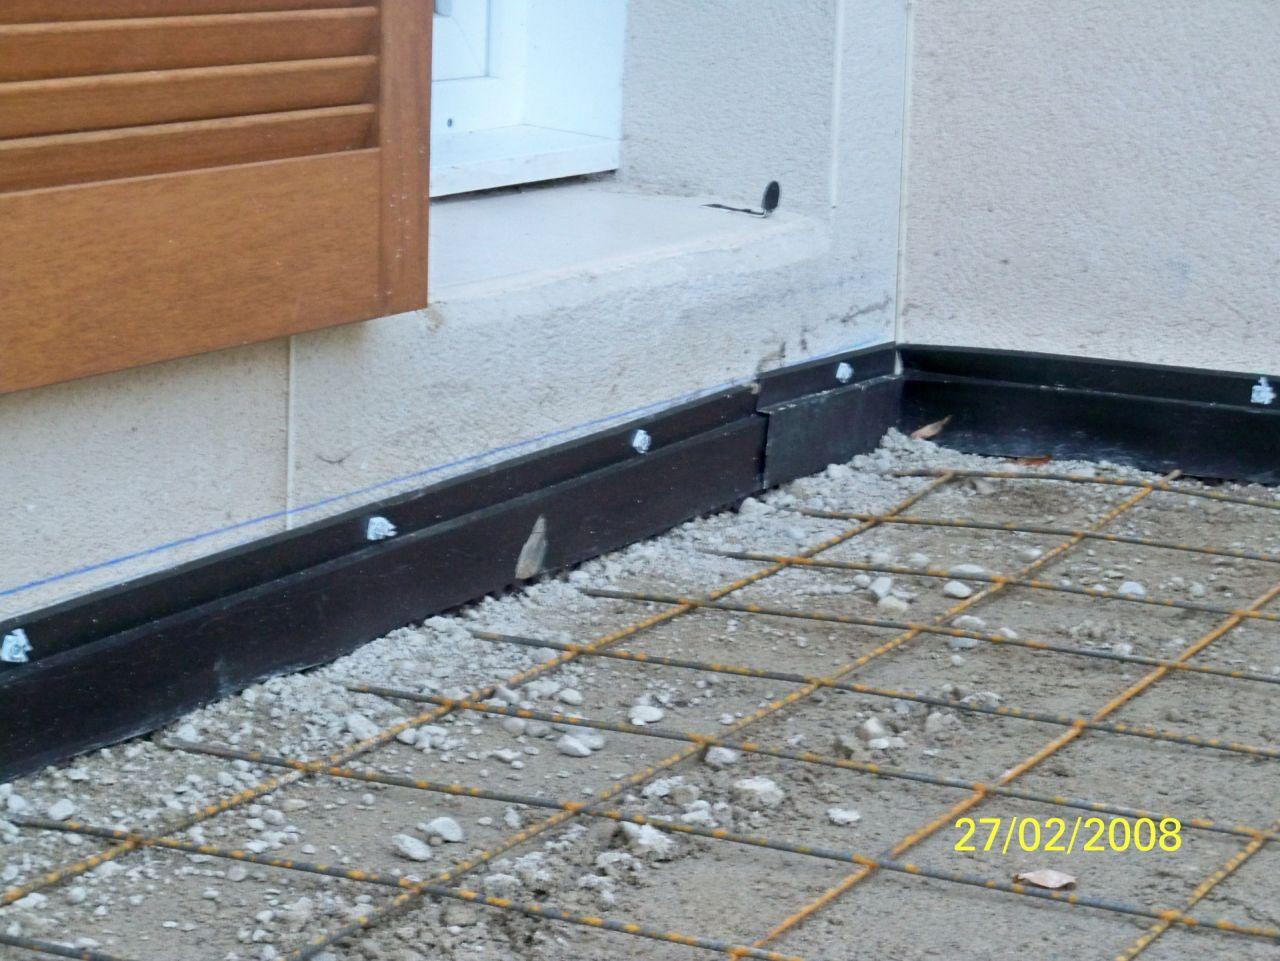 Selon accord avec le constructeur, pose d'une géomembrane étanche en bas des murs est et sud. Préparation de la dalle pour la terrasse. <br /> Attention, erreur de date, appareil photo mal réglé à l'époque.